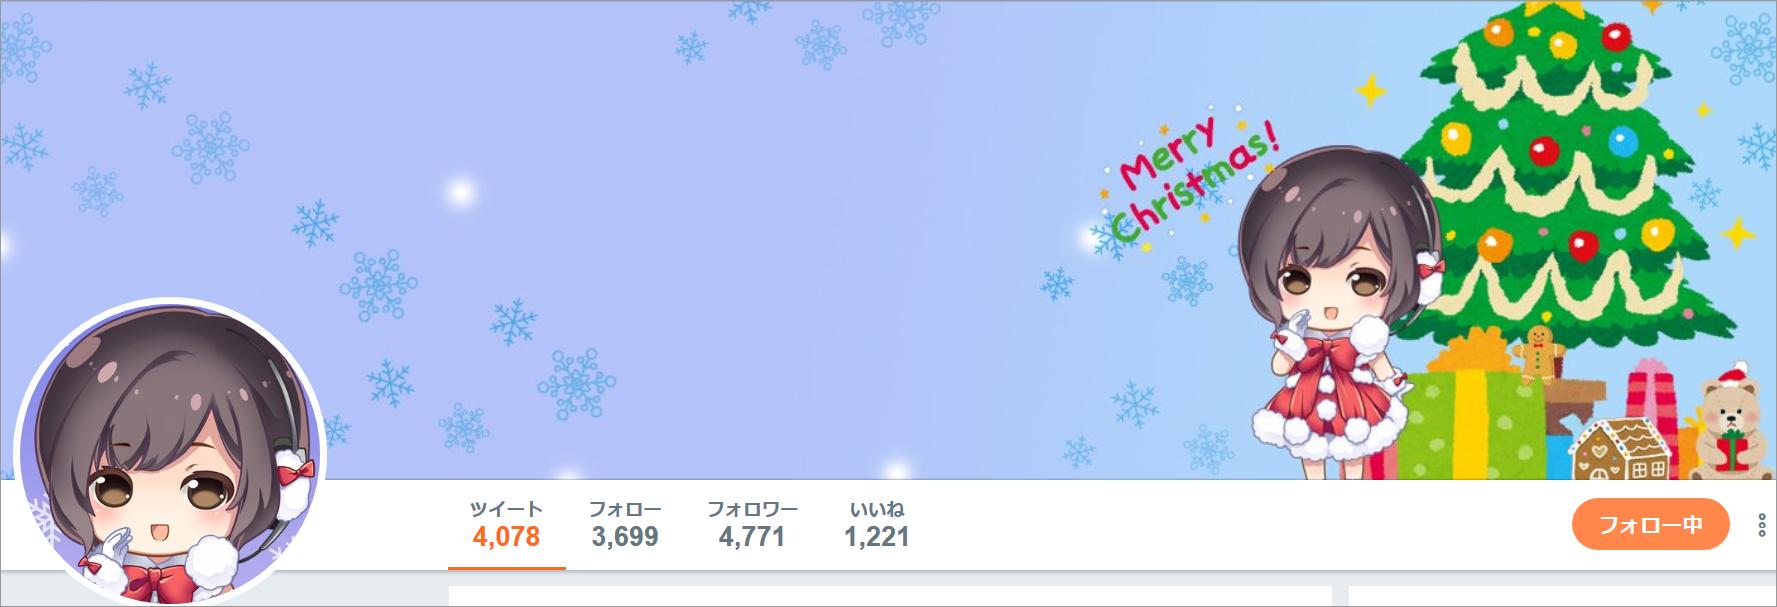 まりな_さくらインターネット公式_Twitterアカウント画面イメージ